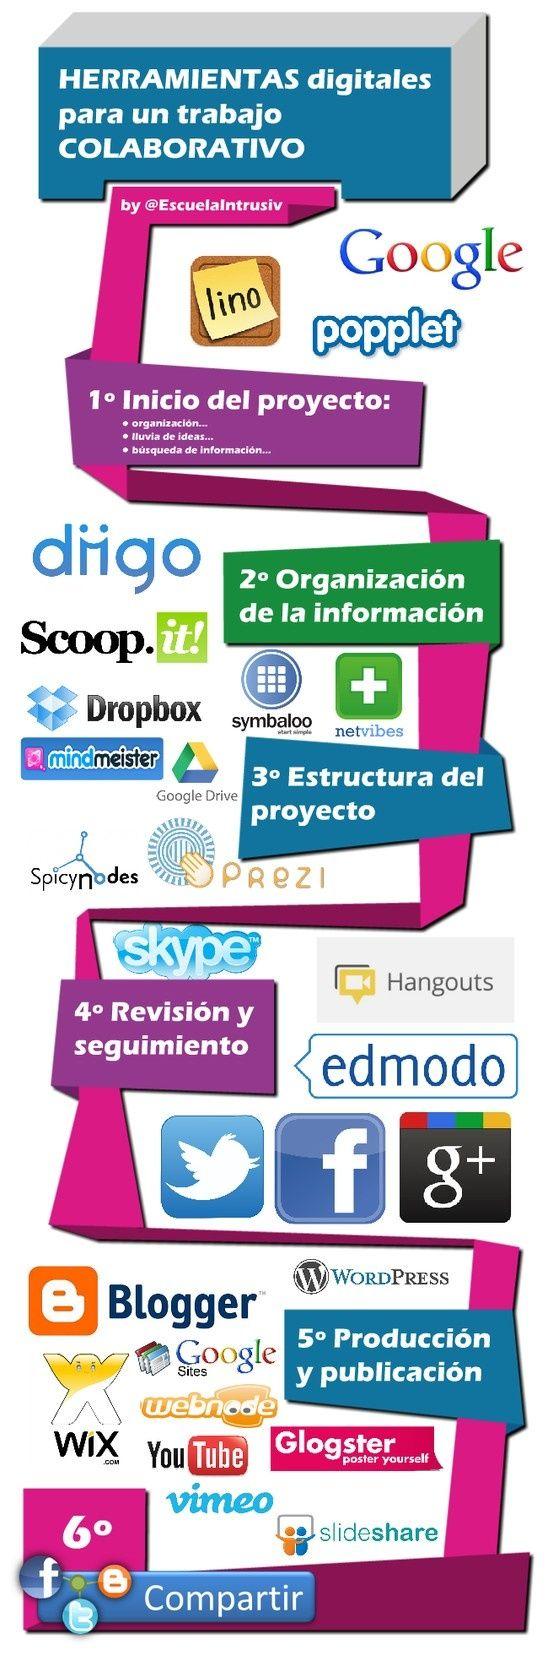 Herramientas digitales para un trabajo colaborativo #infographic: